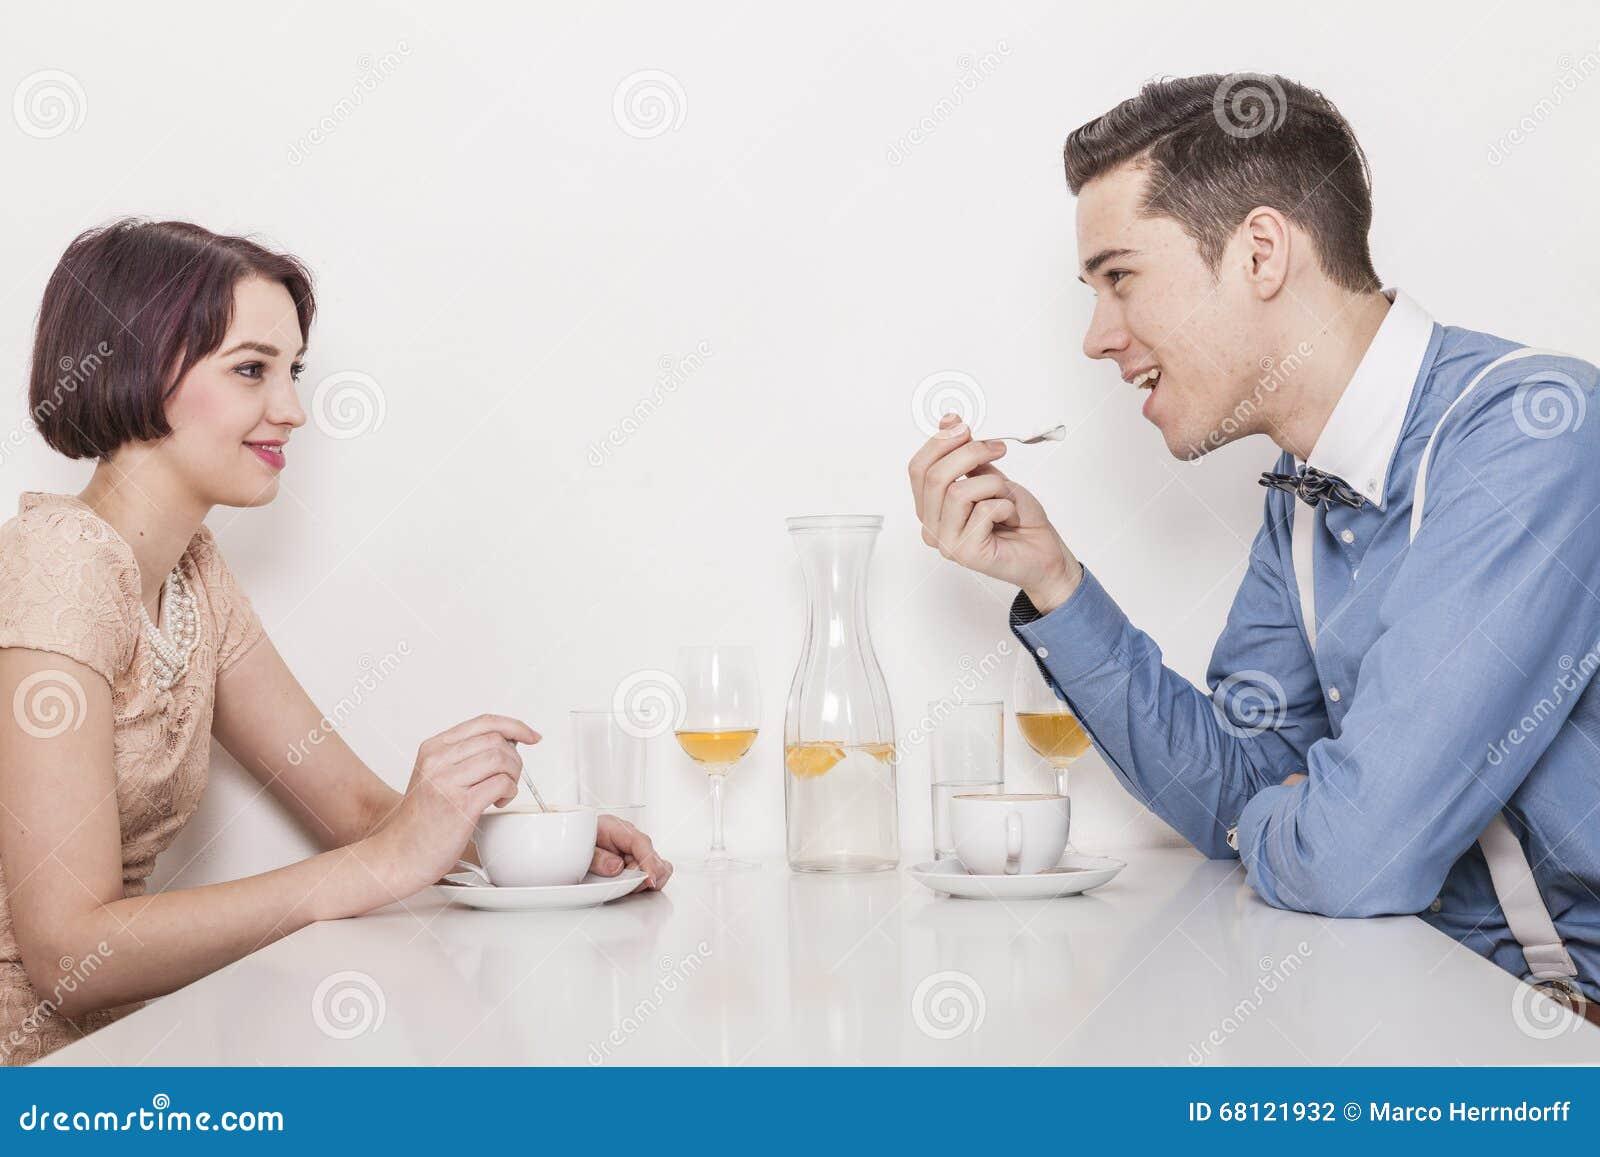 Gute erste Nachrichten für Dating-Websites